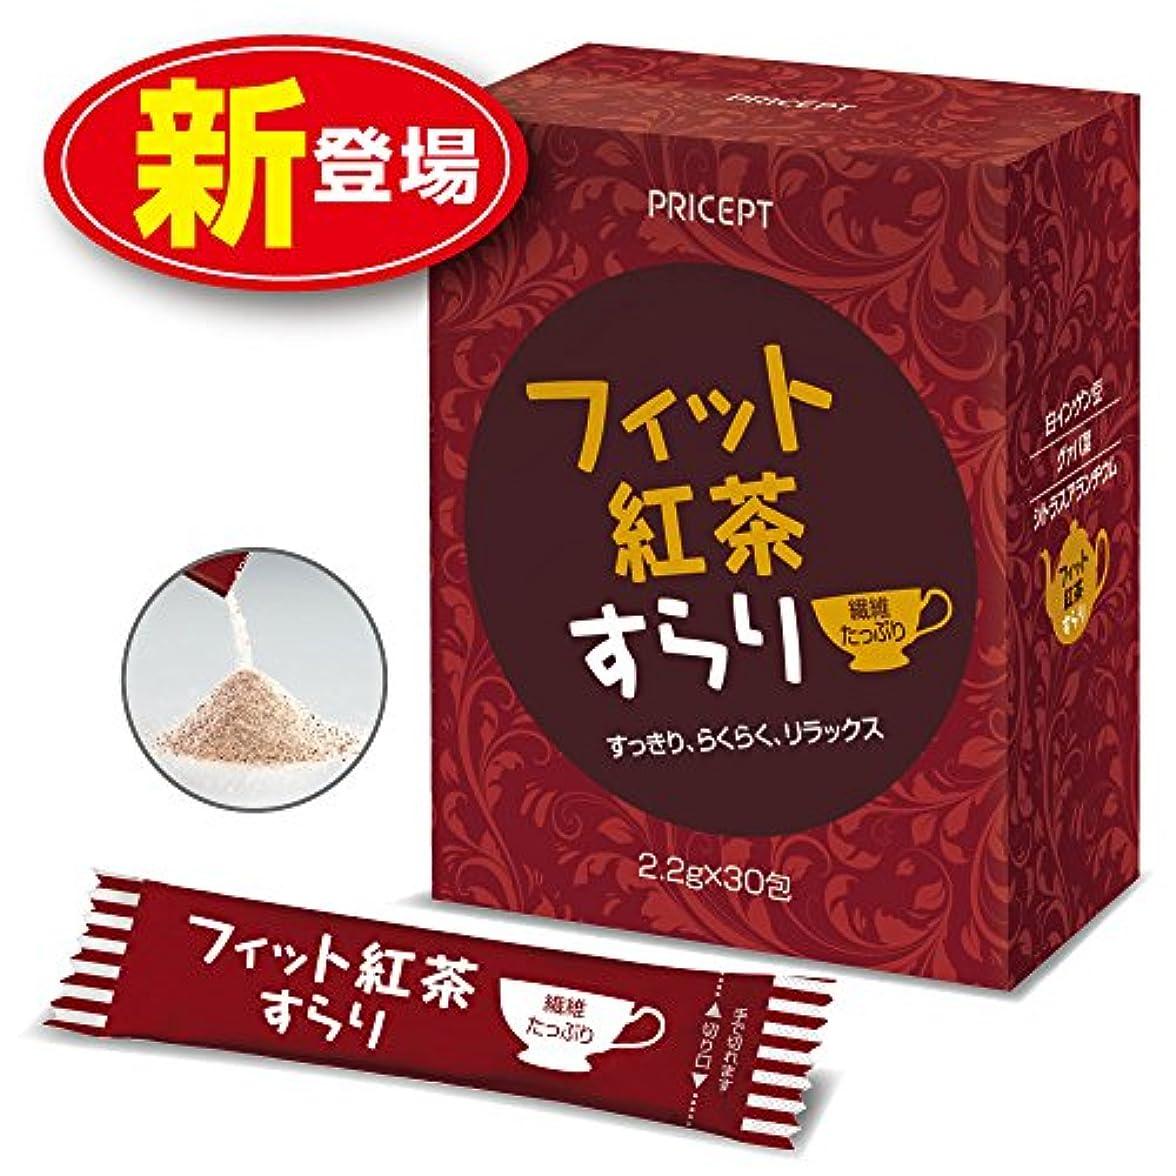 リム和解する苗プリセプト フィット紅茶すらり(30包)【単品】(食物繊維配合ダイエットサポート紅茶)